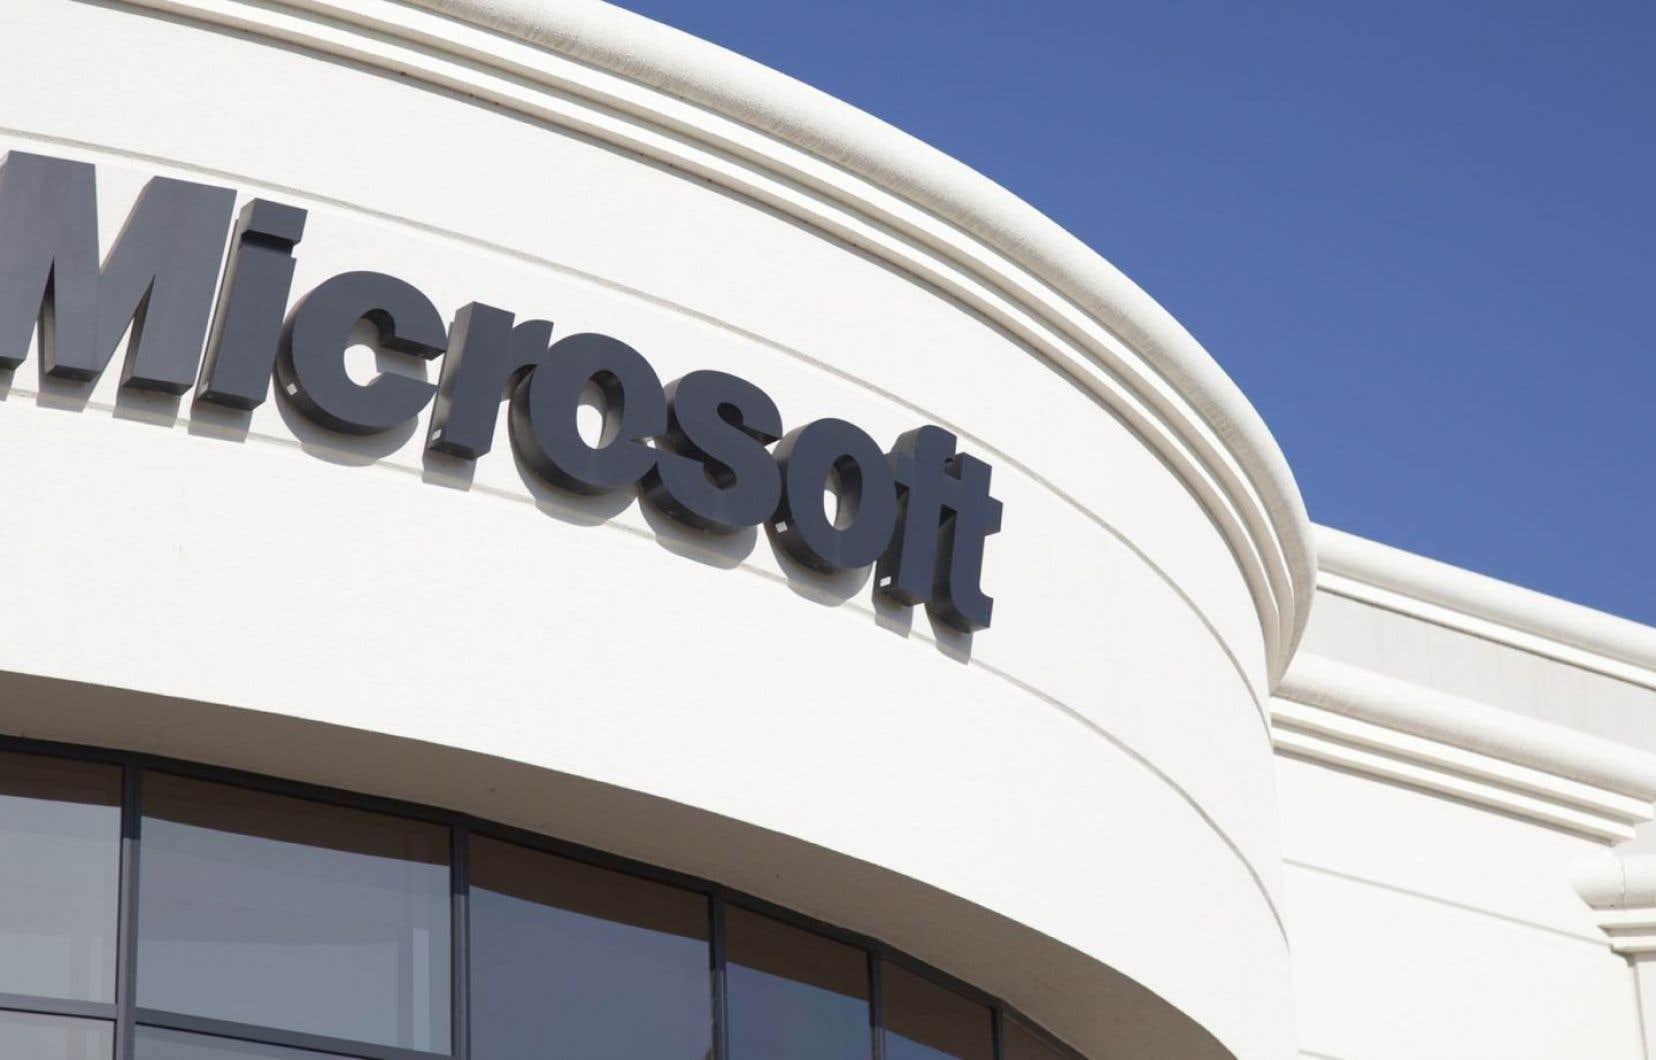 Microsoft a mis la main sur l'entreprise en démarrage Maluuba pour accélérer sa croissance dans le secteur de l'intelligence artificielle.